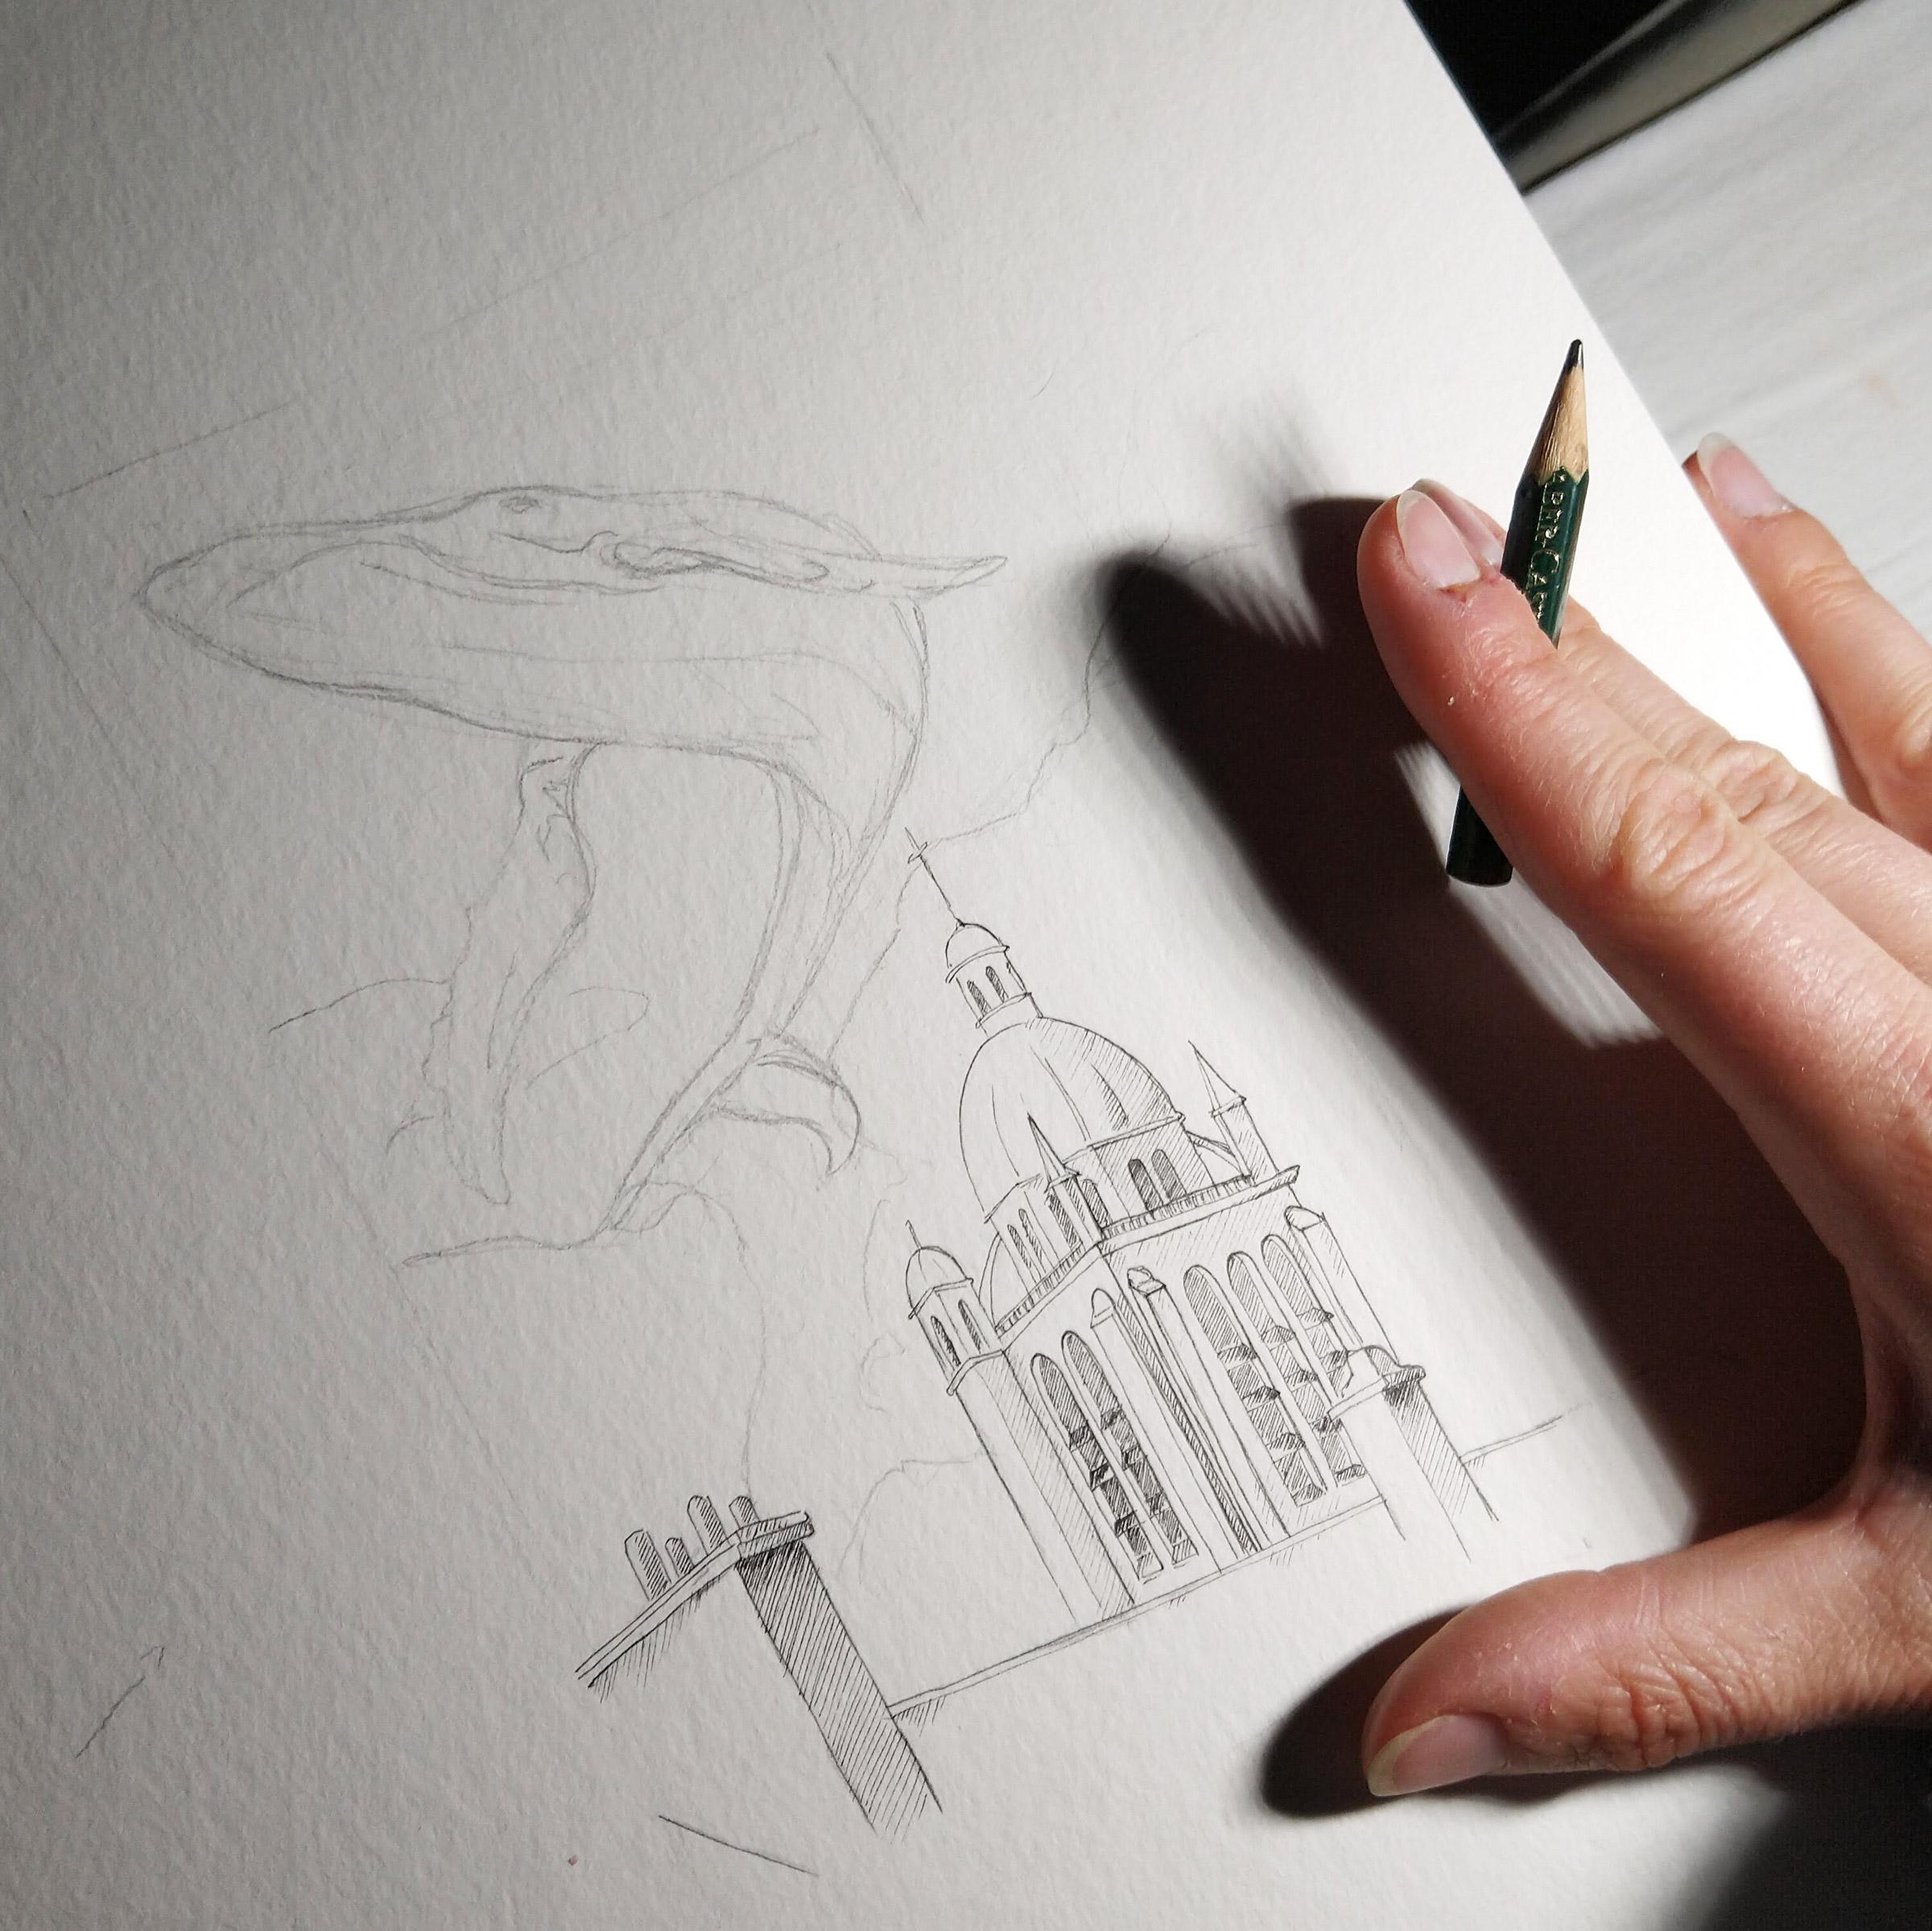 Work in Progress: Zeichnung Notre Dame de Miracles mit Skizze des Wales darüber.